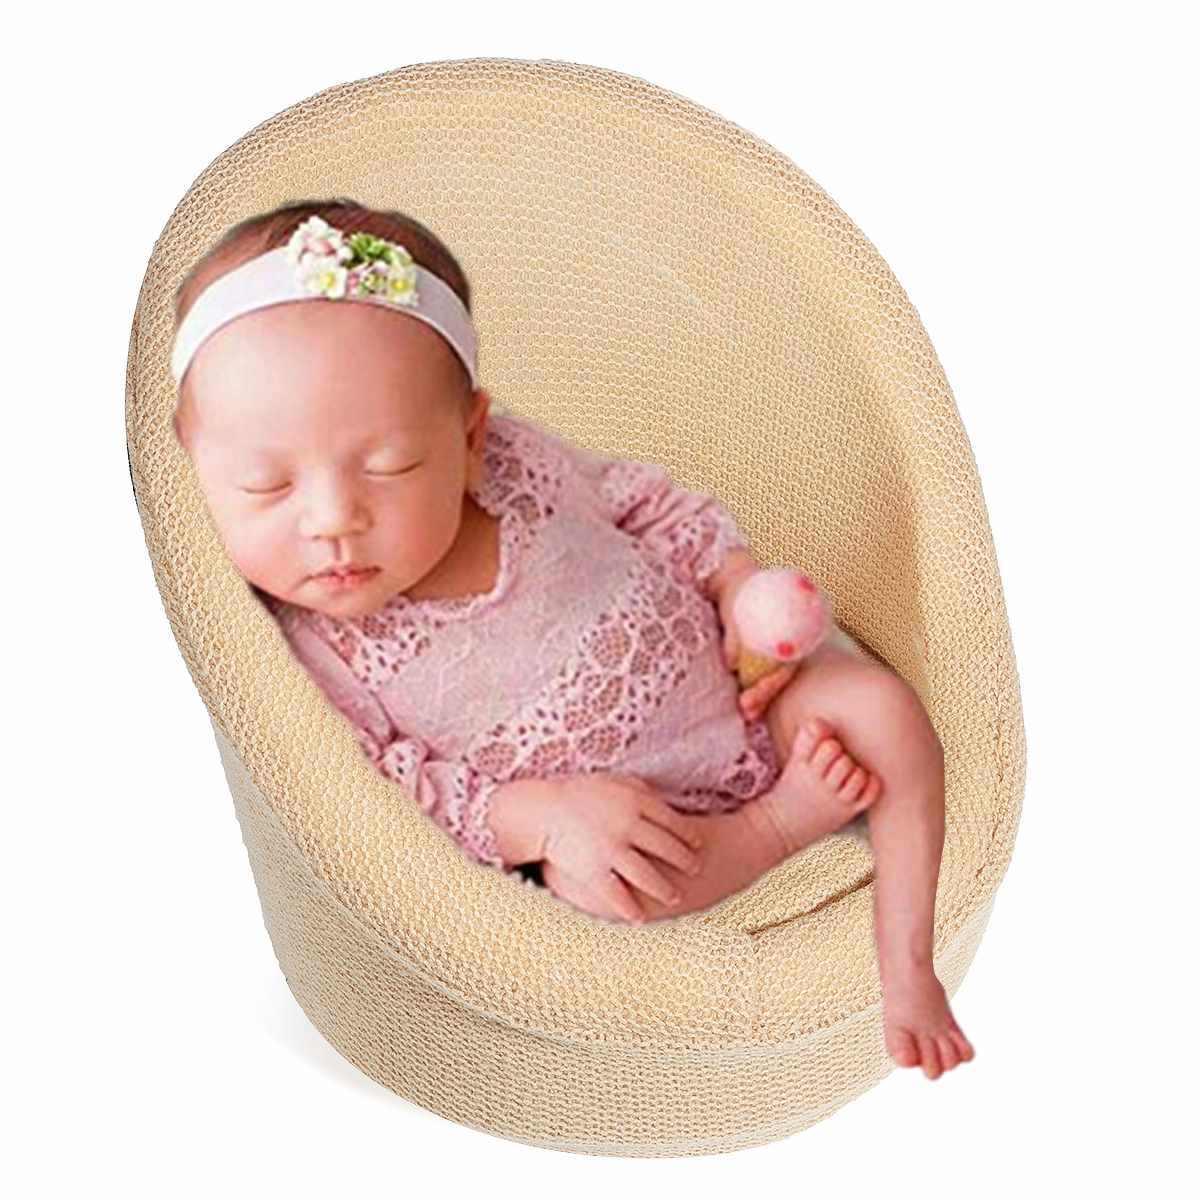 Sofá de bebé silla para posar asiento accesorios de fotografía estudio infantil Shooing Niños Accesorios de foto sofá pequeño para niños recién nacidos